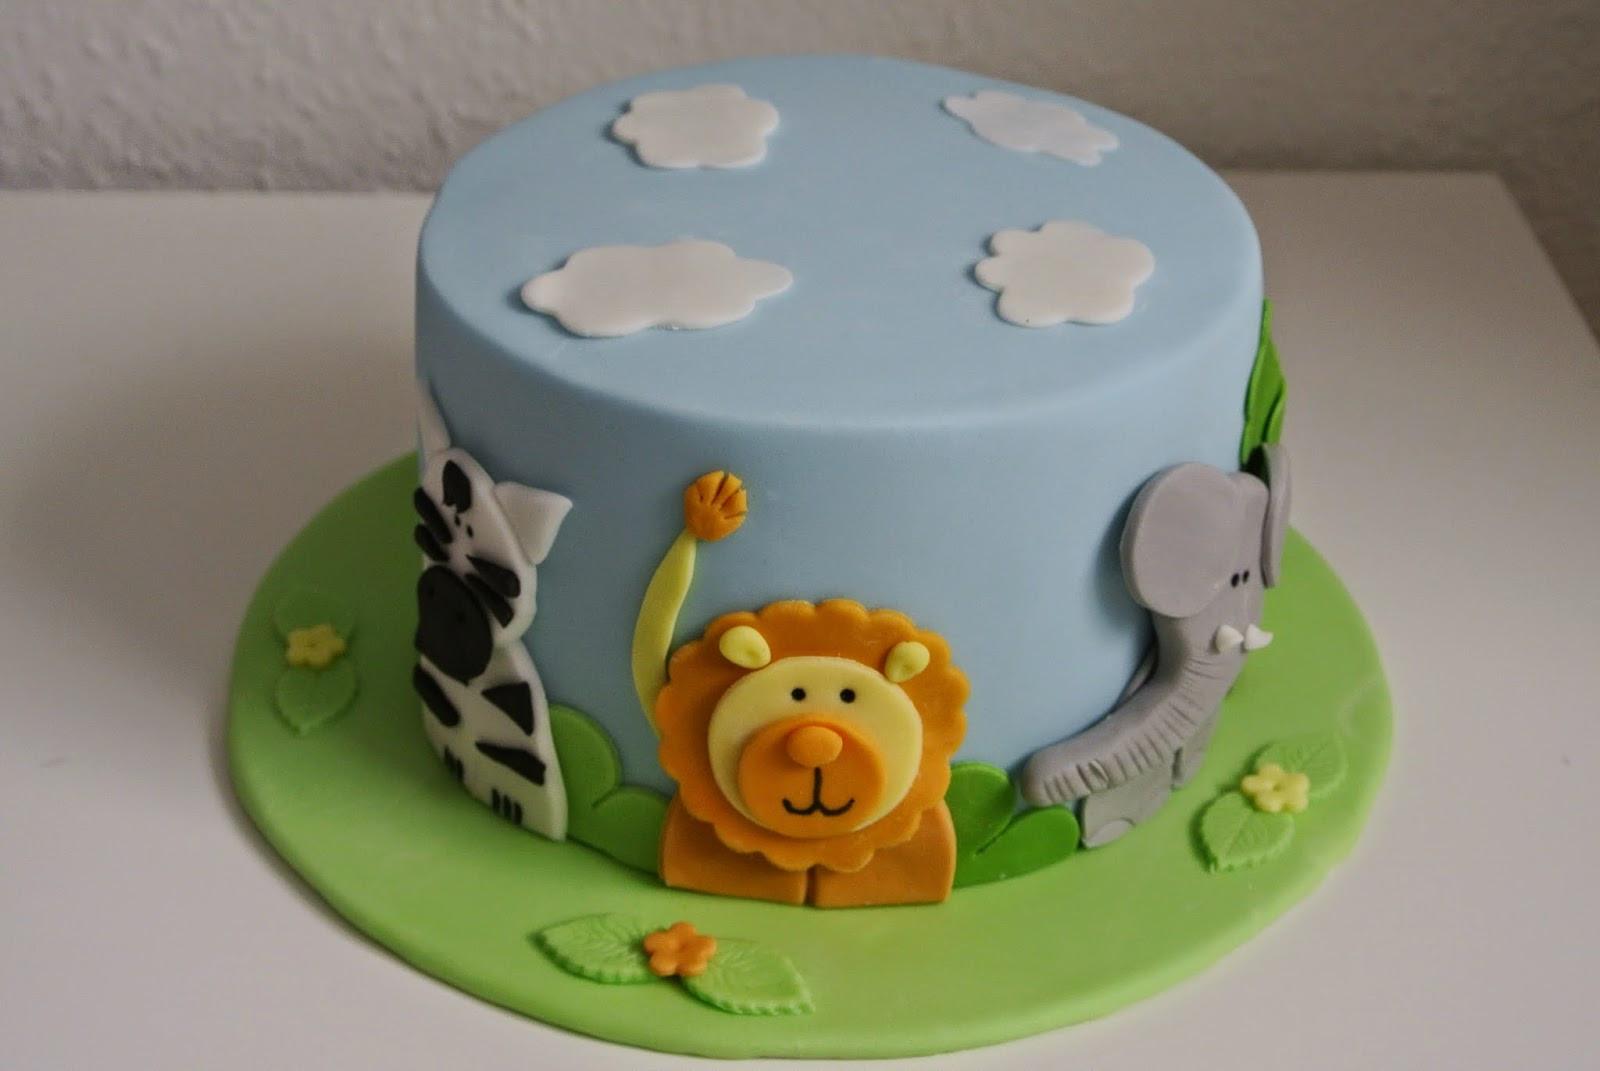 Geburtstagstorte Kinder Junge  Geburtstagstorte für 1 Geburtstag